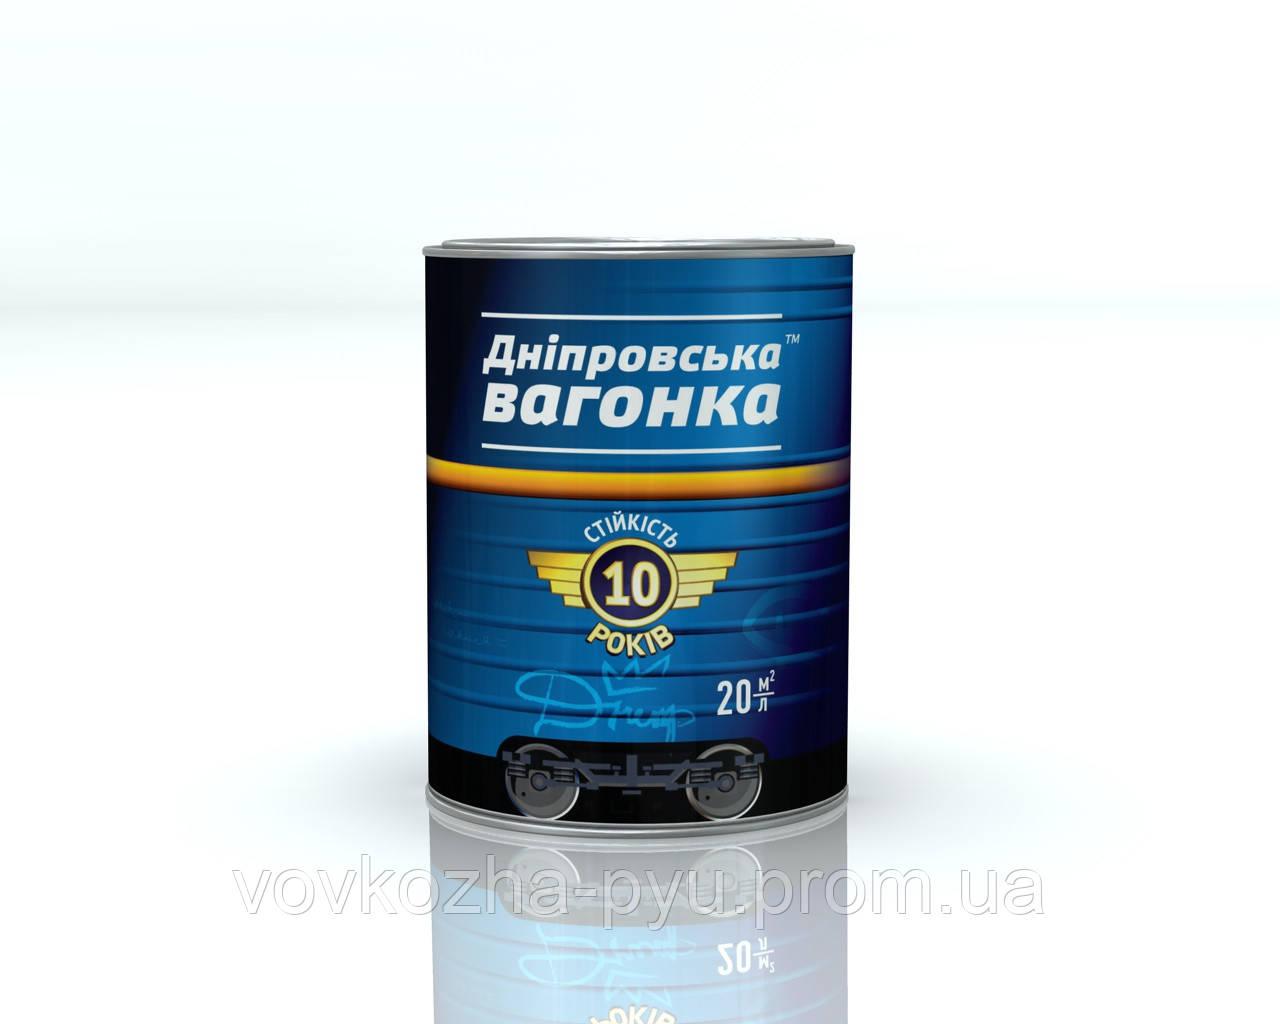 Эмаль Днепровская Вагонка ПФ-133 темно серый лак 0.85 кг